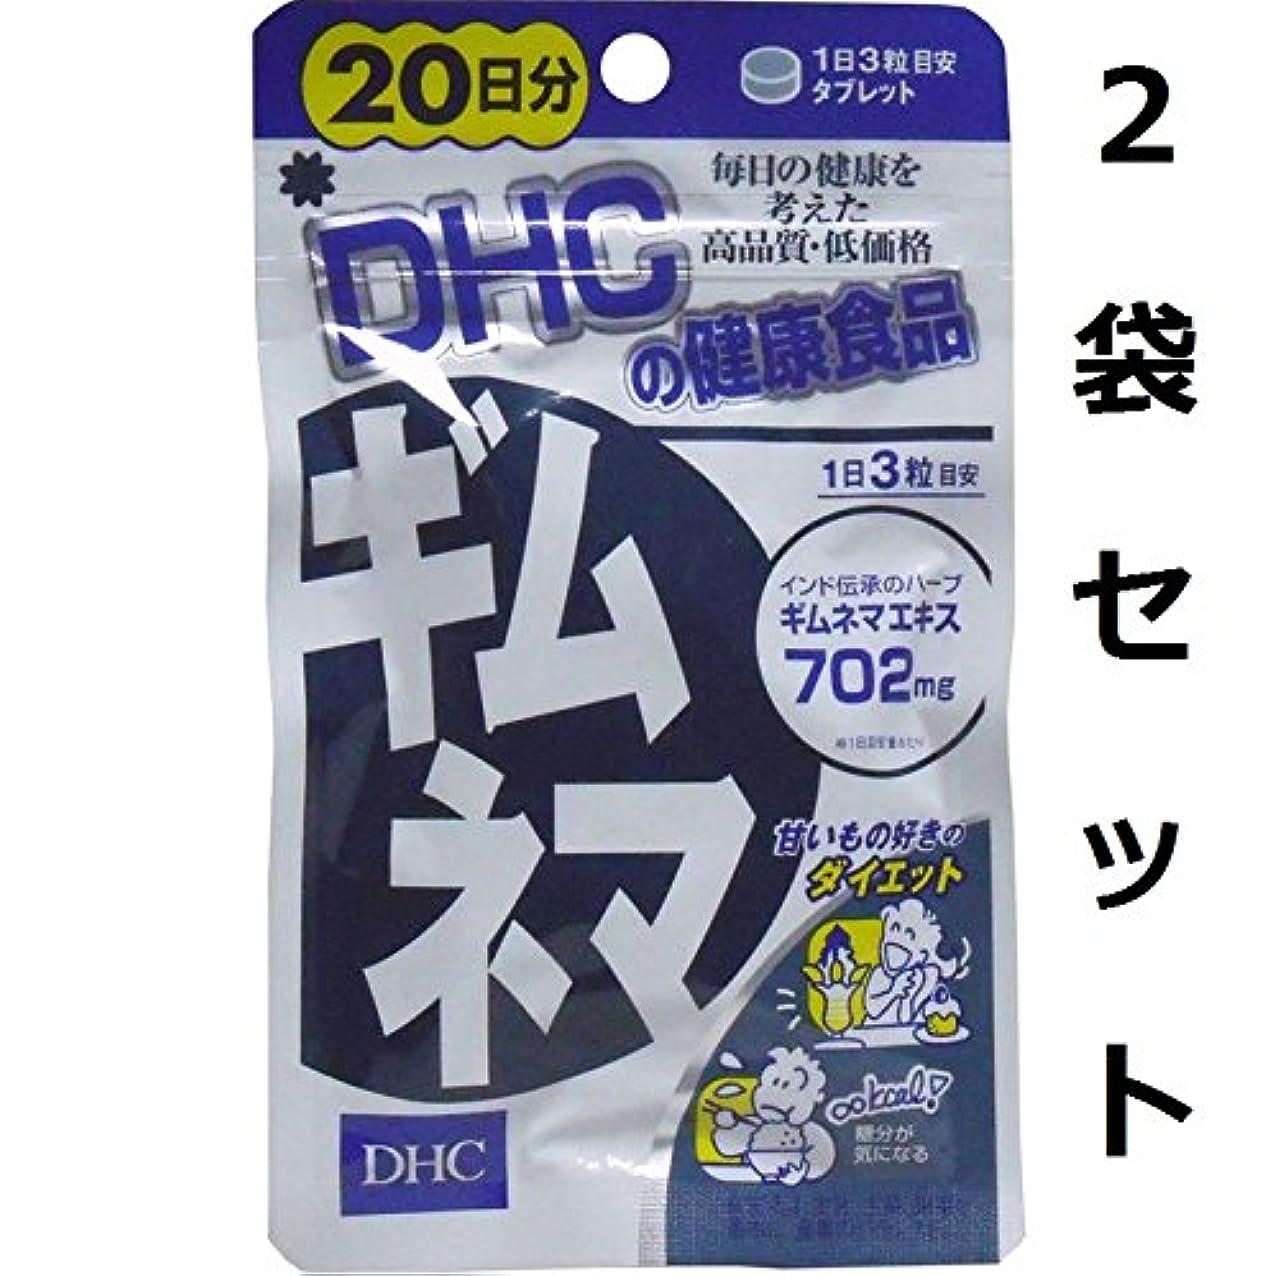 側麻酔薬受け継ぐ我慢せずに余分な糖分をブロック DHC ギムネマ 20日分 60粒 2袋セット